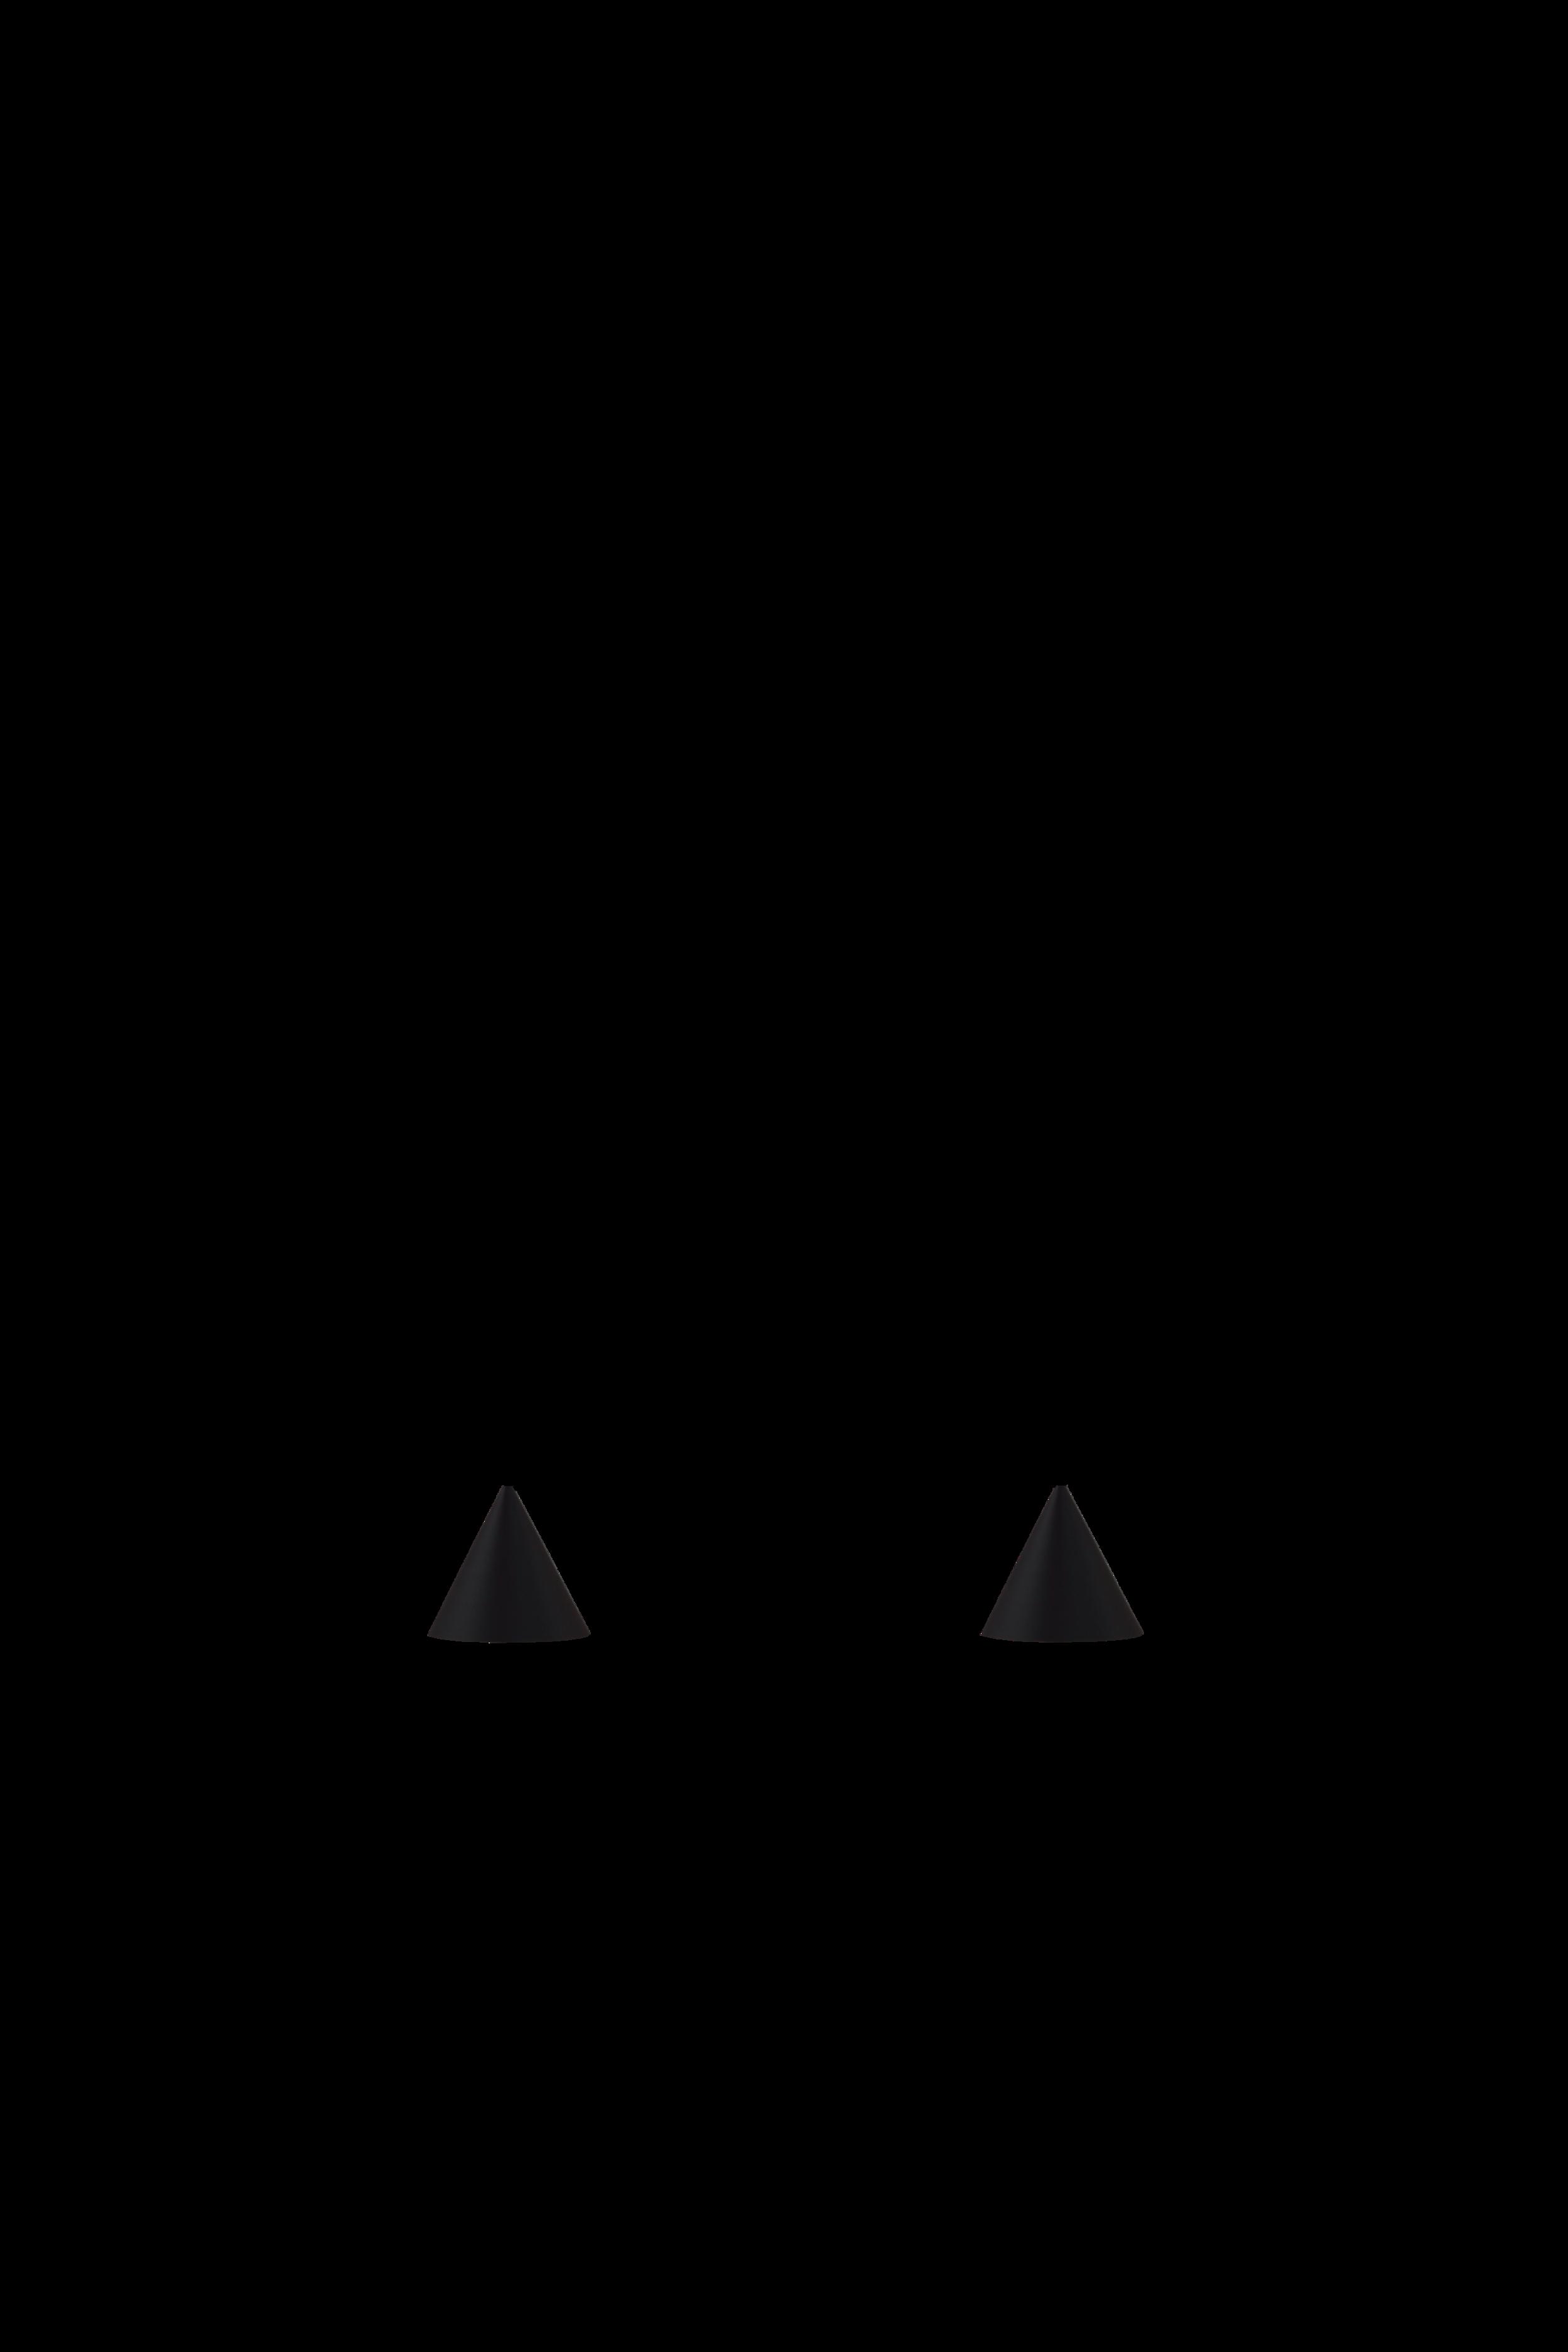 MEGA SHORT - SMALL CONES